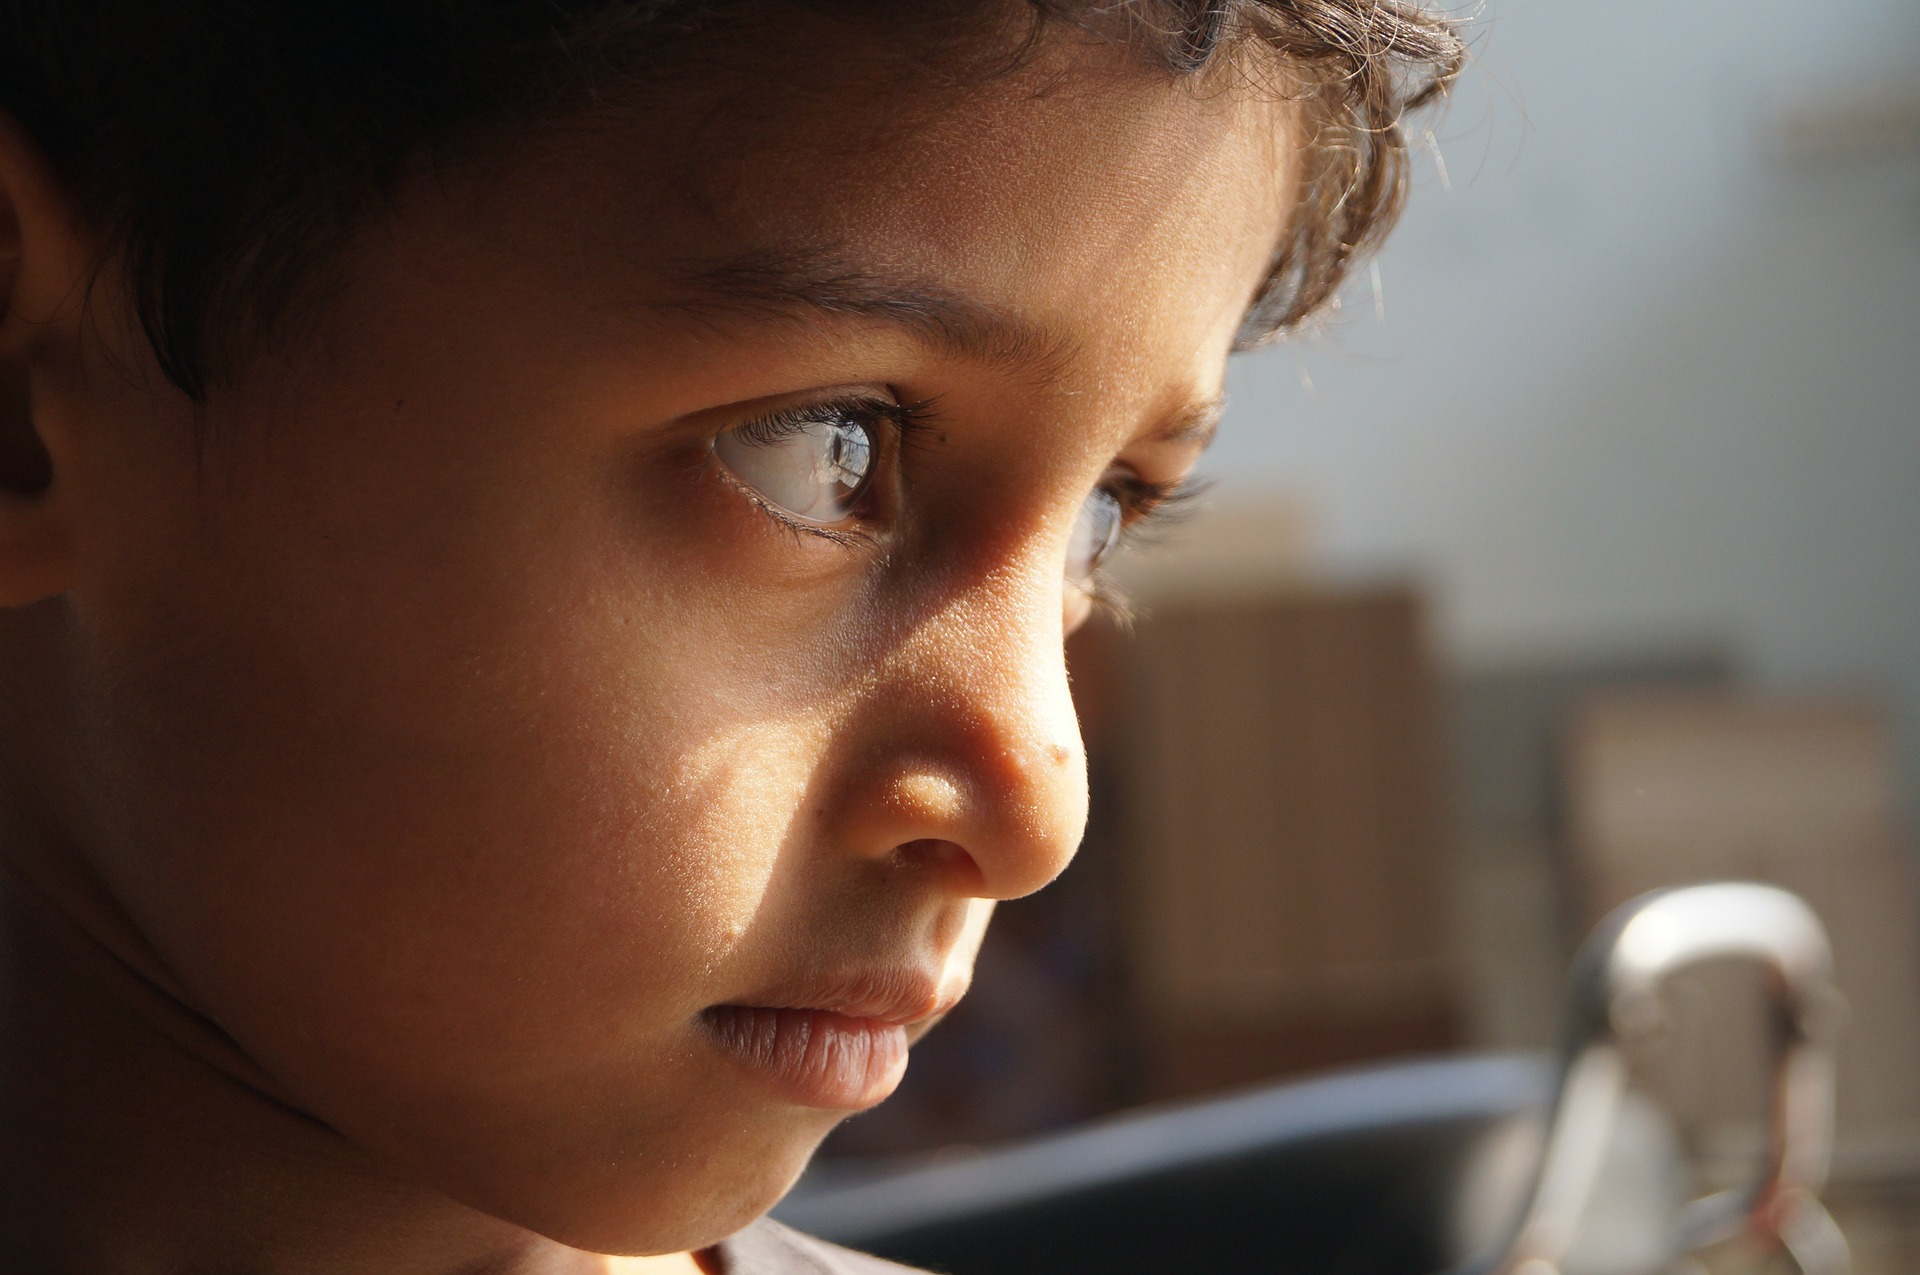 kid-165256_1920.jpg